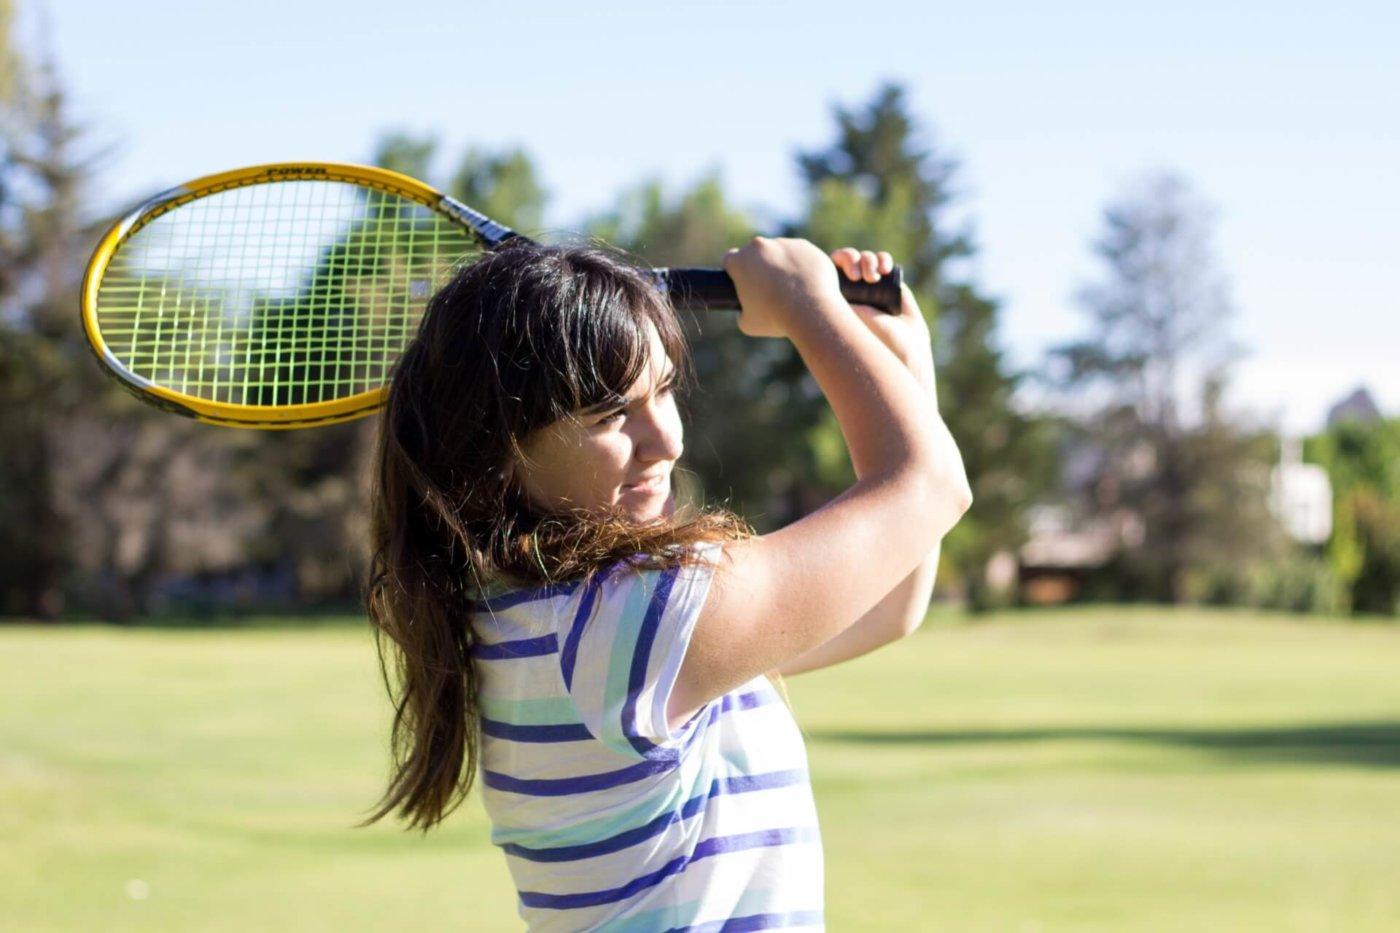 レディース用のテニスウェアを紹介